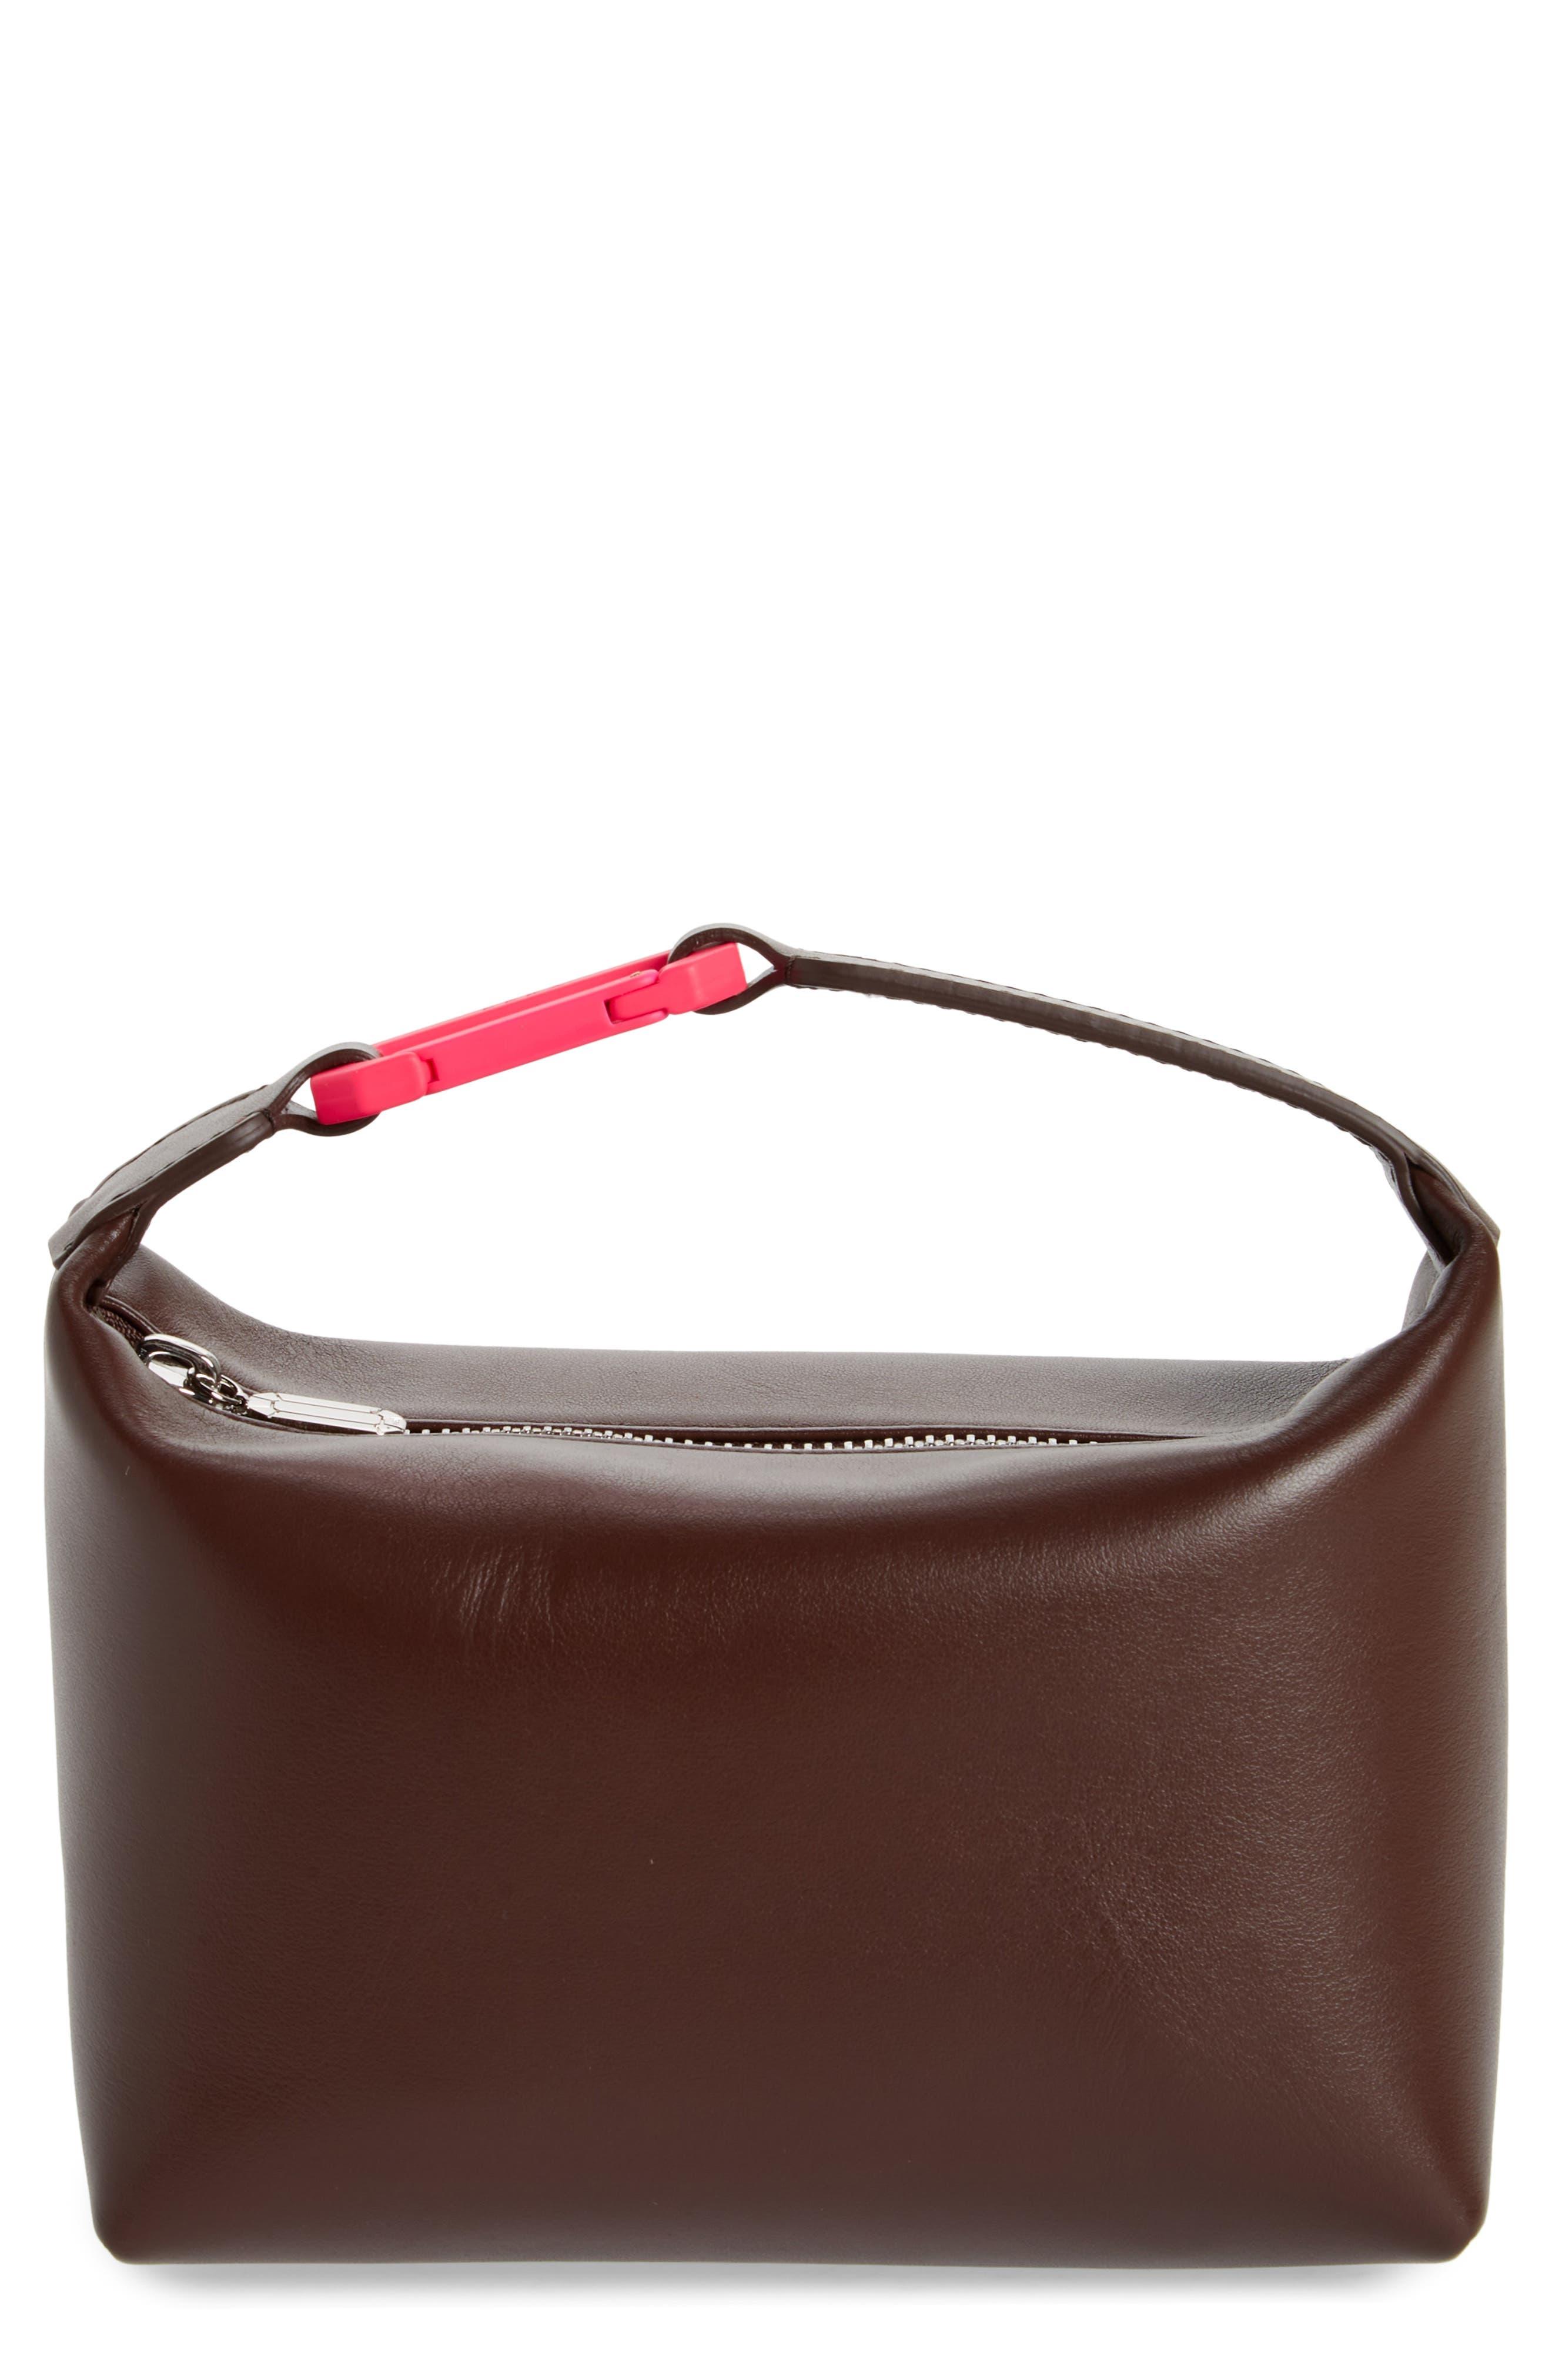 Eera Moonbag Leather Handbag